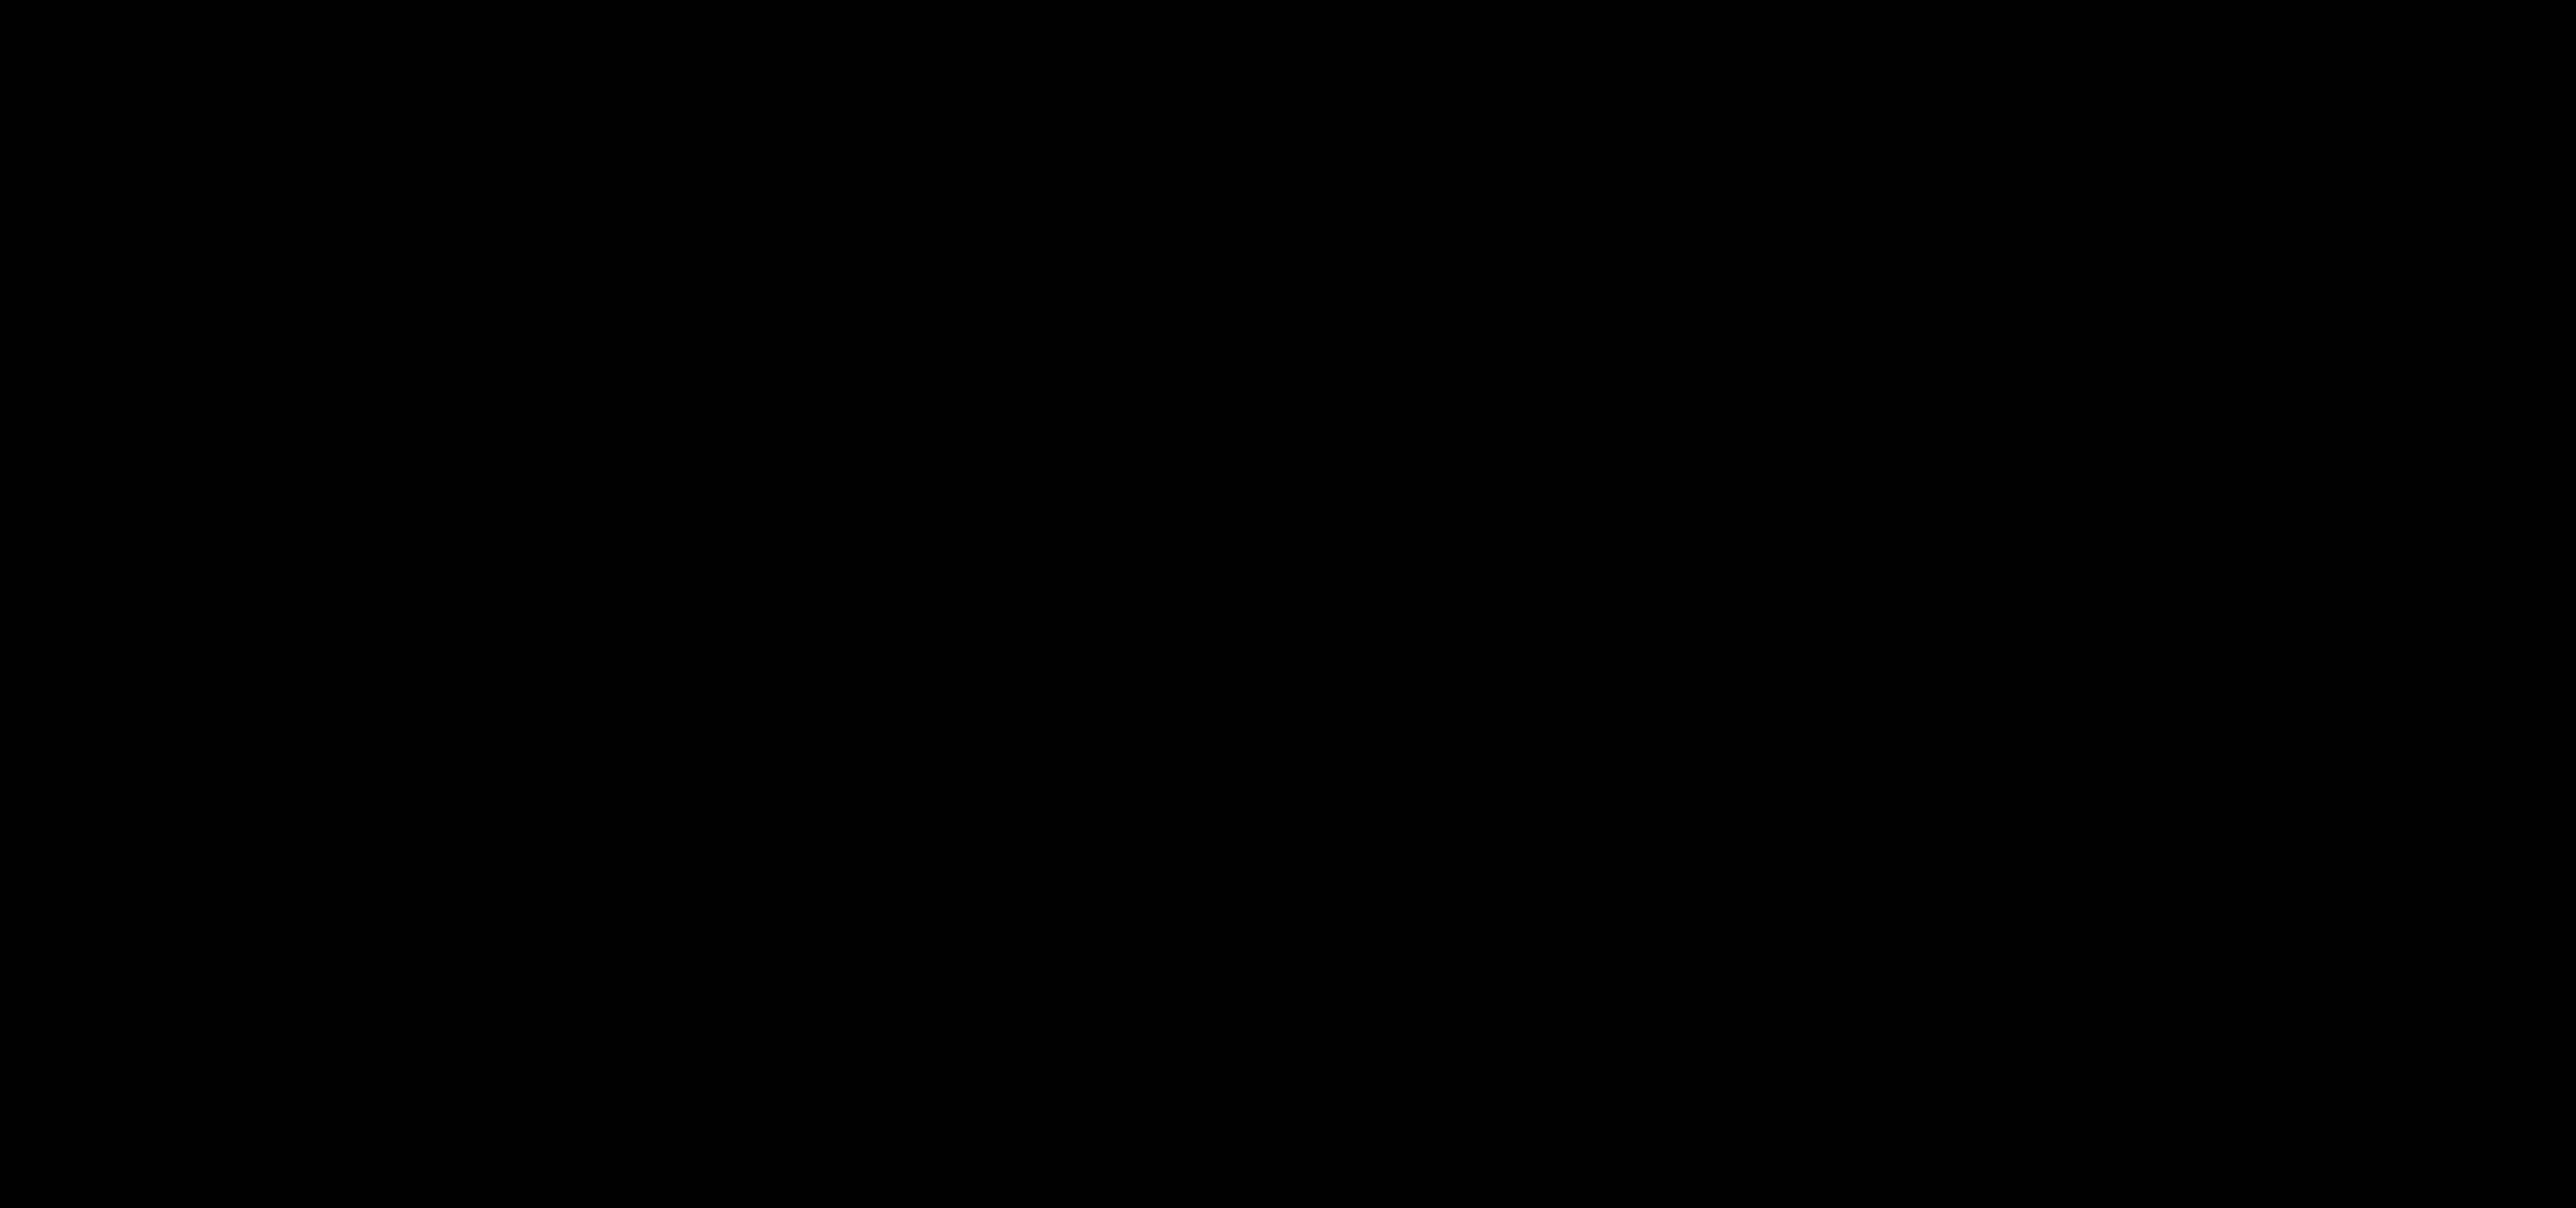 中国人工智能创新大赛